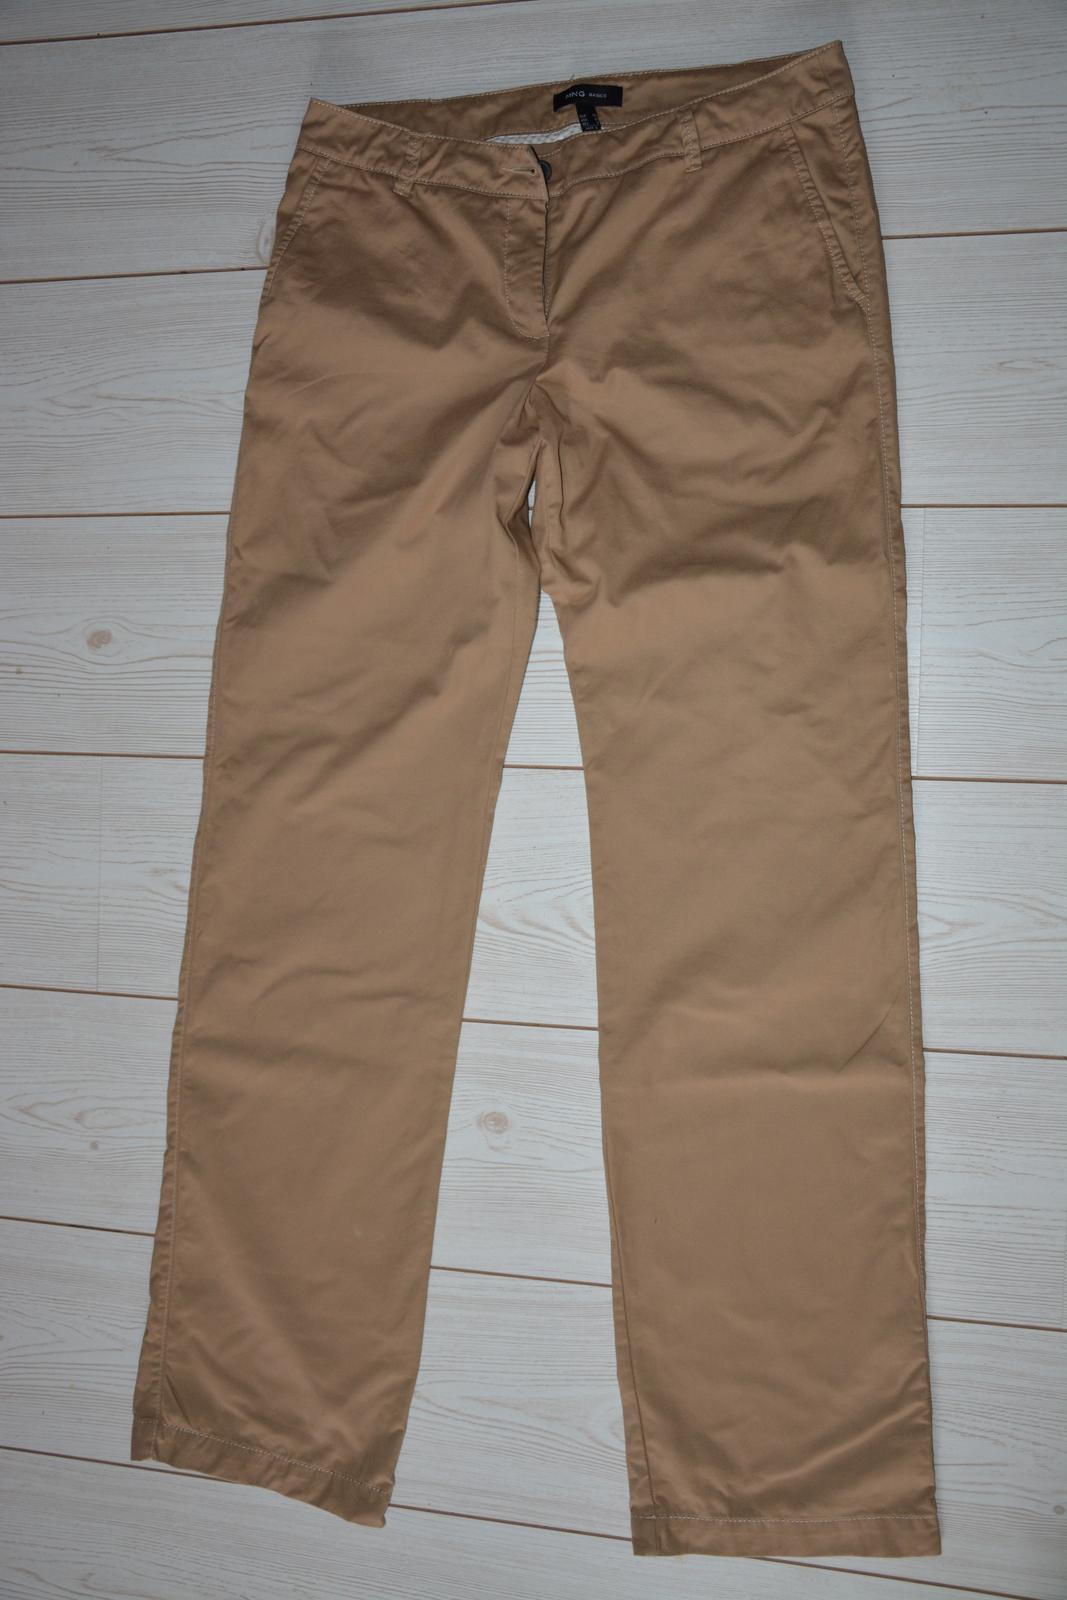 Béžové kalhoty - Obrázek č. 1